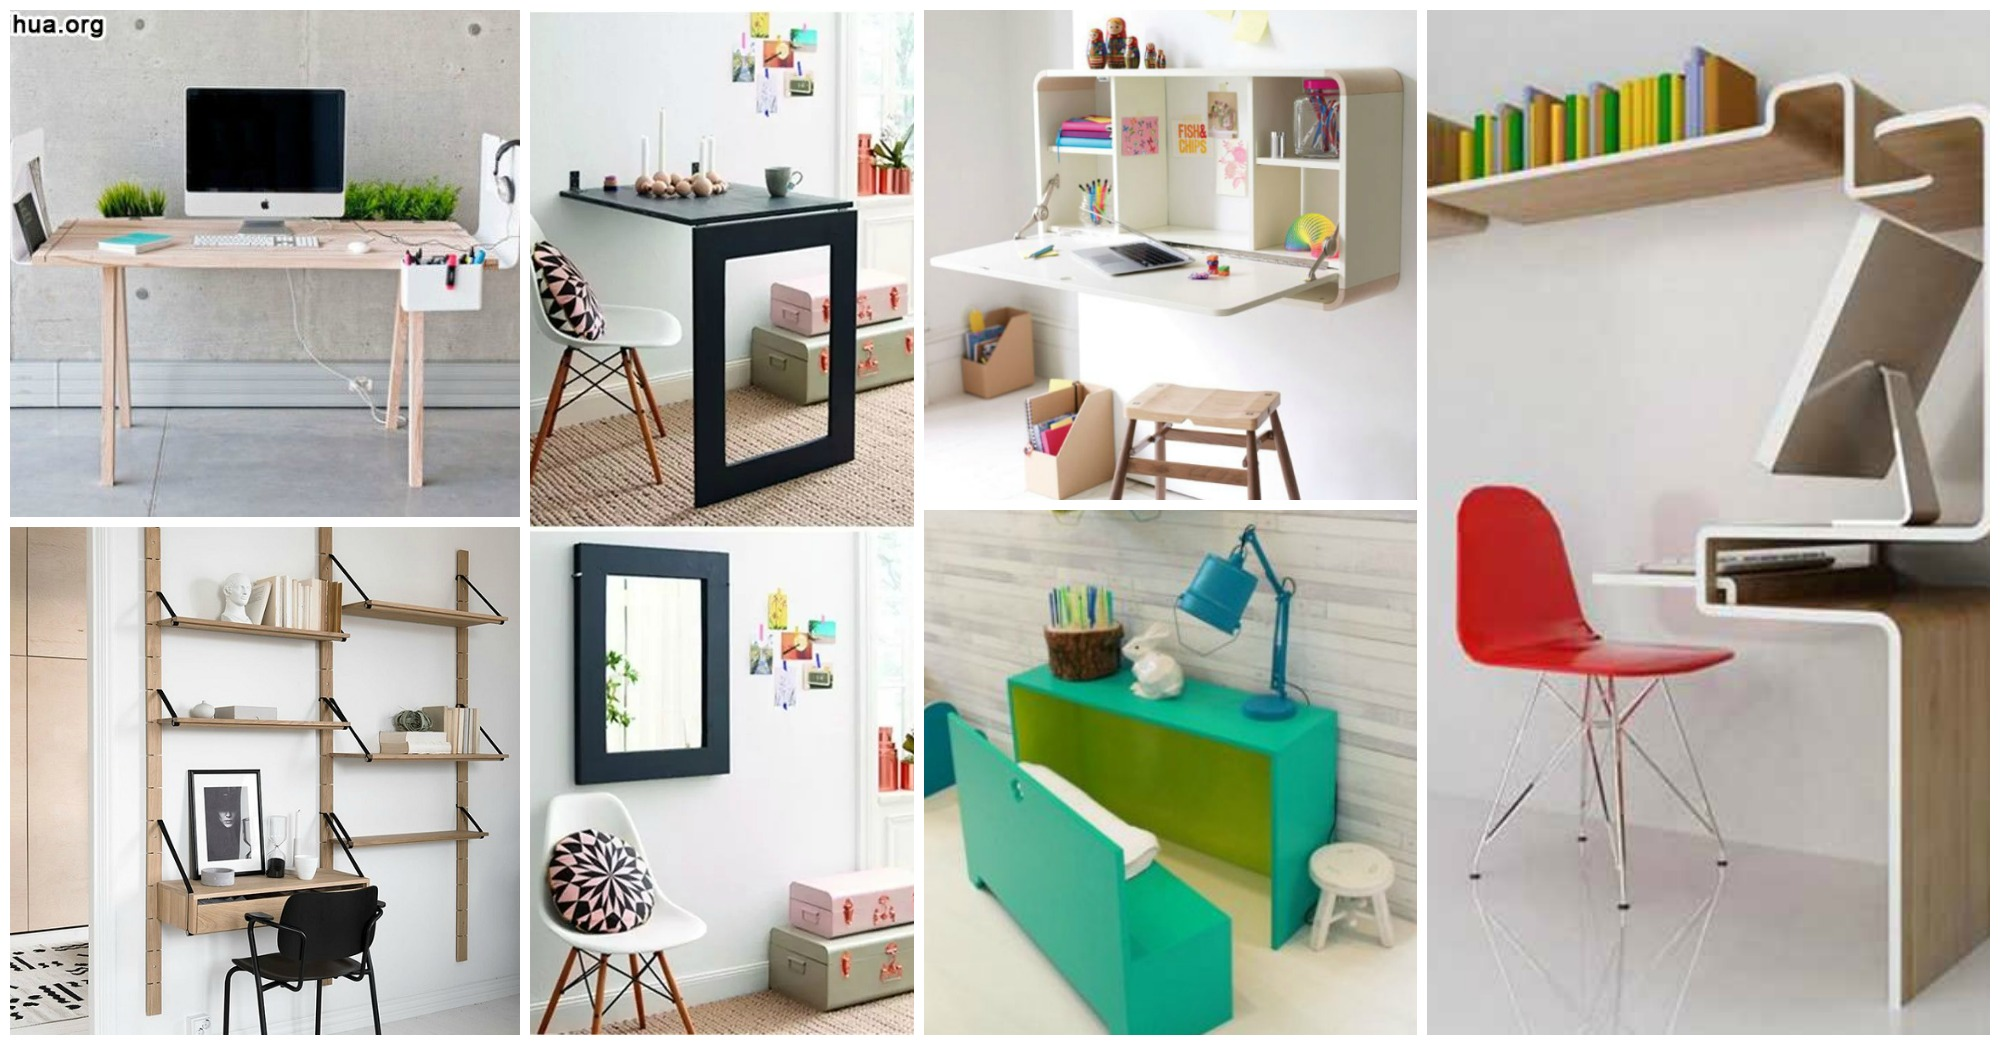 15 ideas para aprovechar y ahorrar espacio en casa - Ahorrar en casa ...